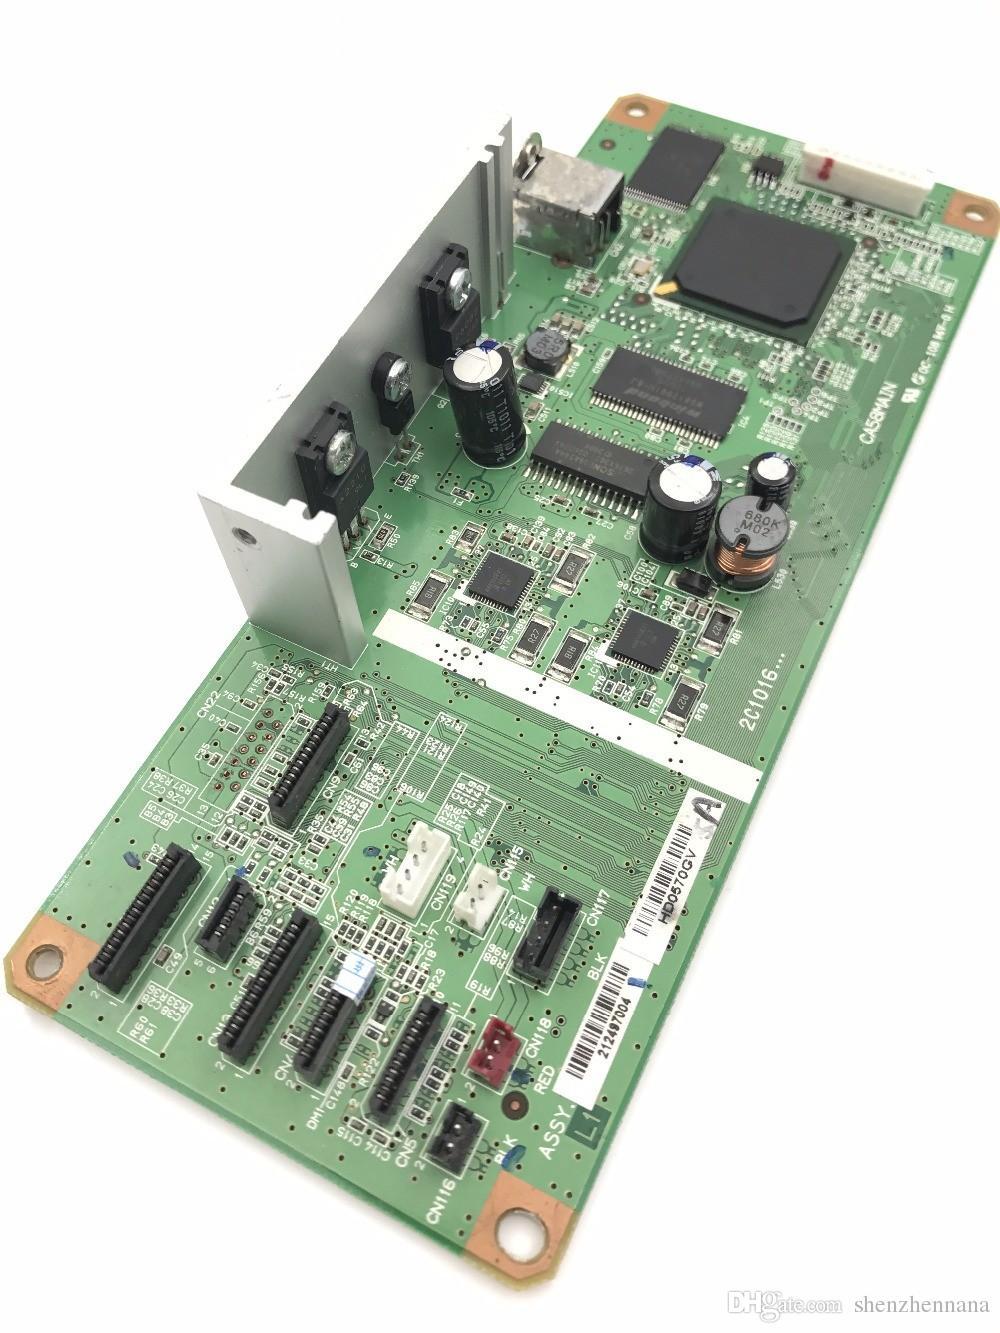 2124970 2131853 PCA ASSY Formatter Board logic Main Board MainBoard mother  board for Epson L1300 ME1100 T1100 T1110 B1100 W1100